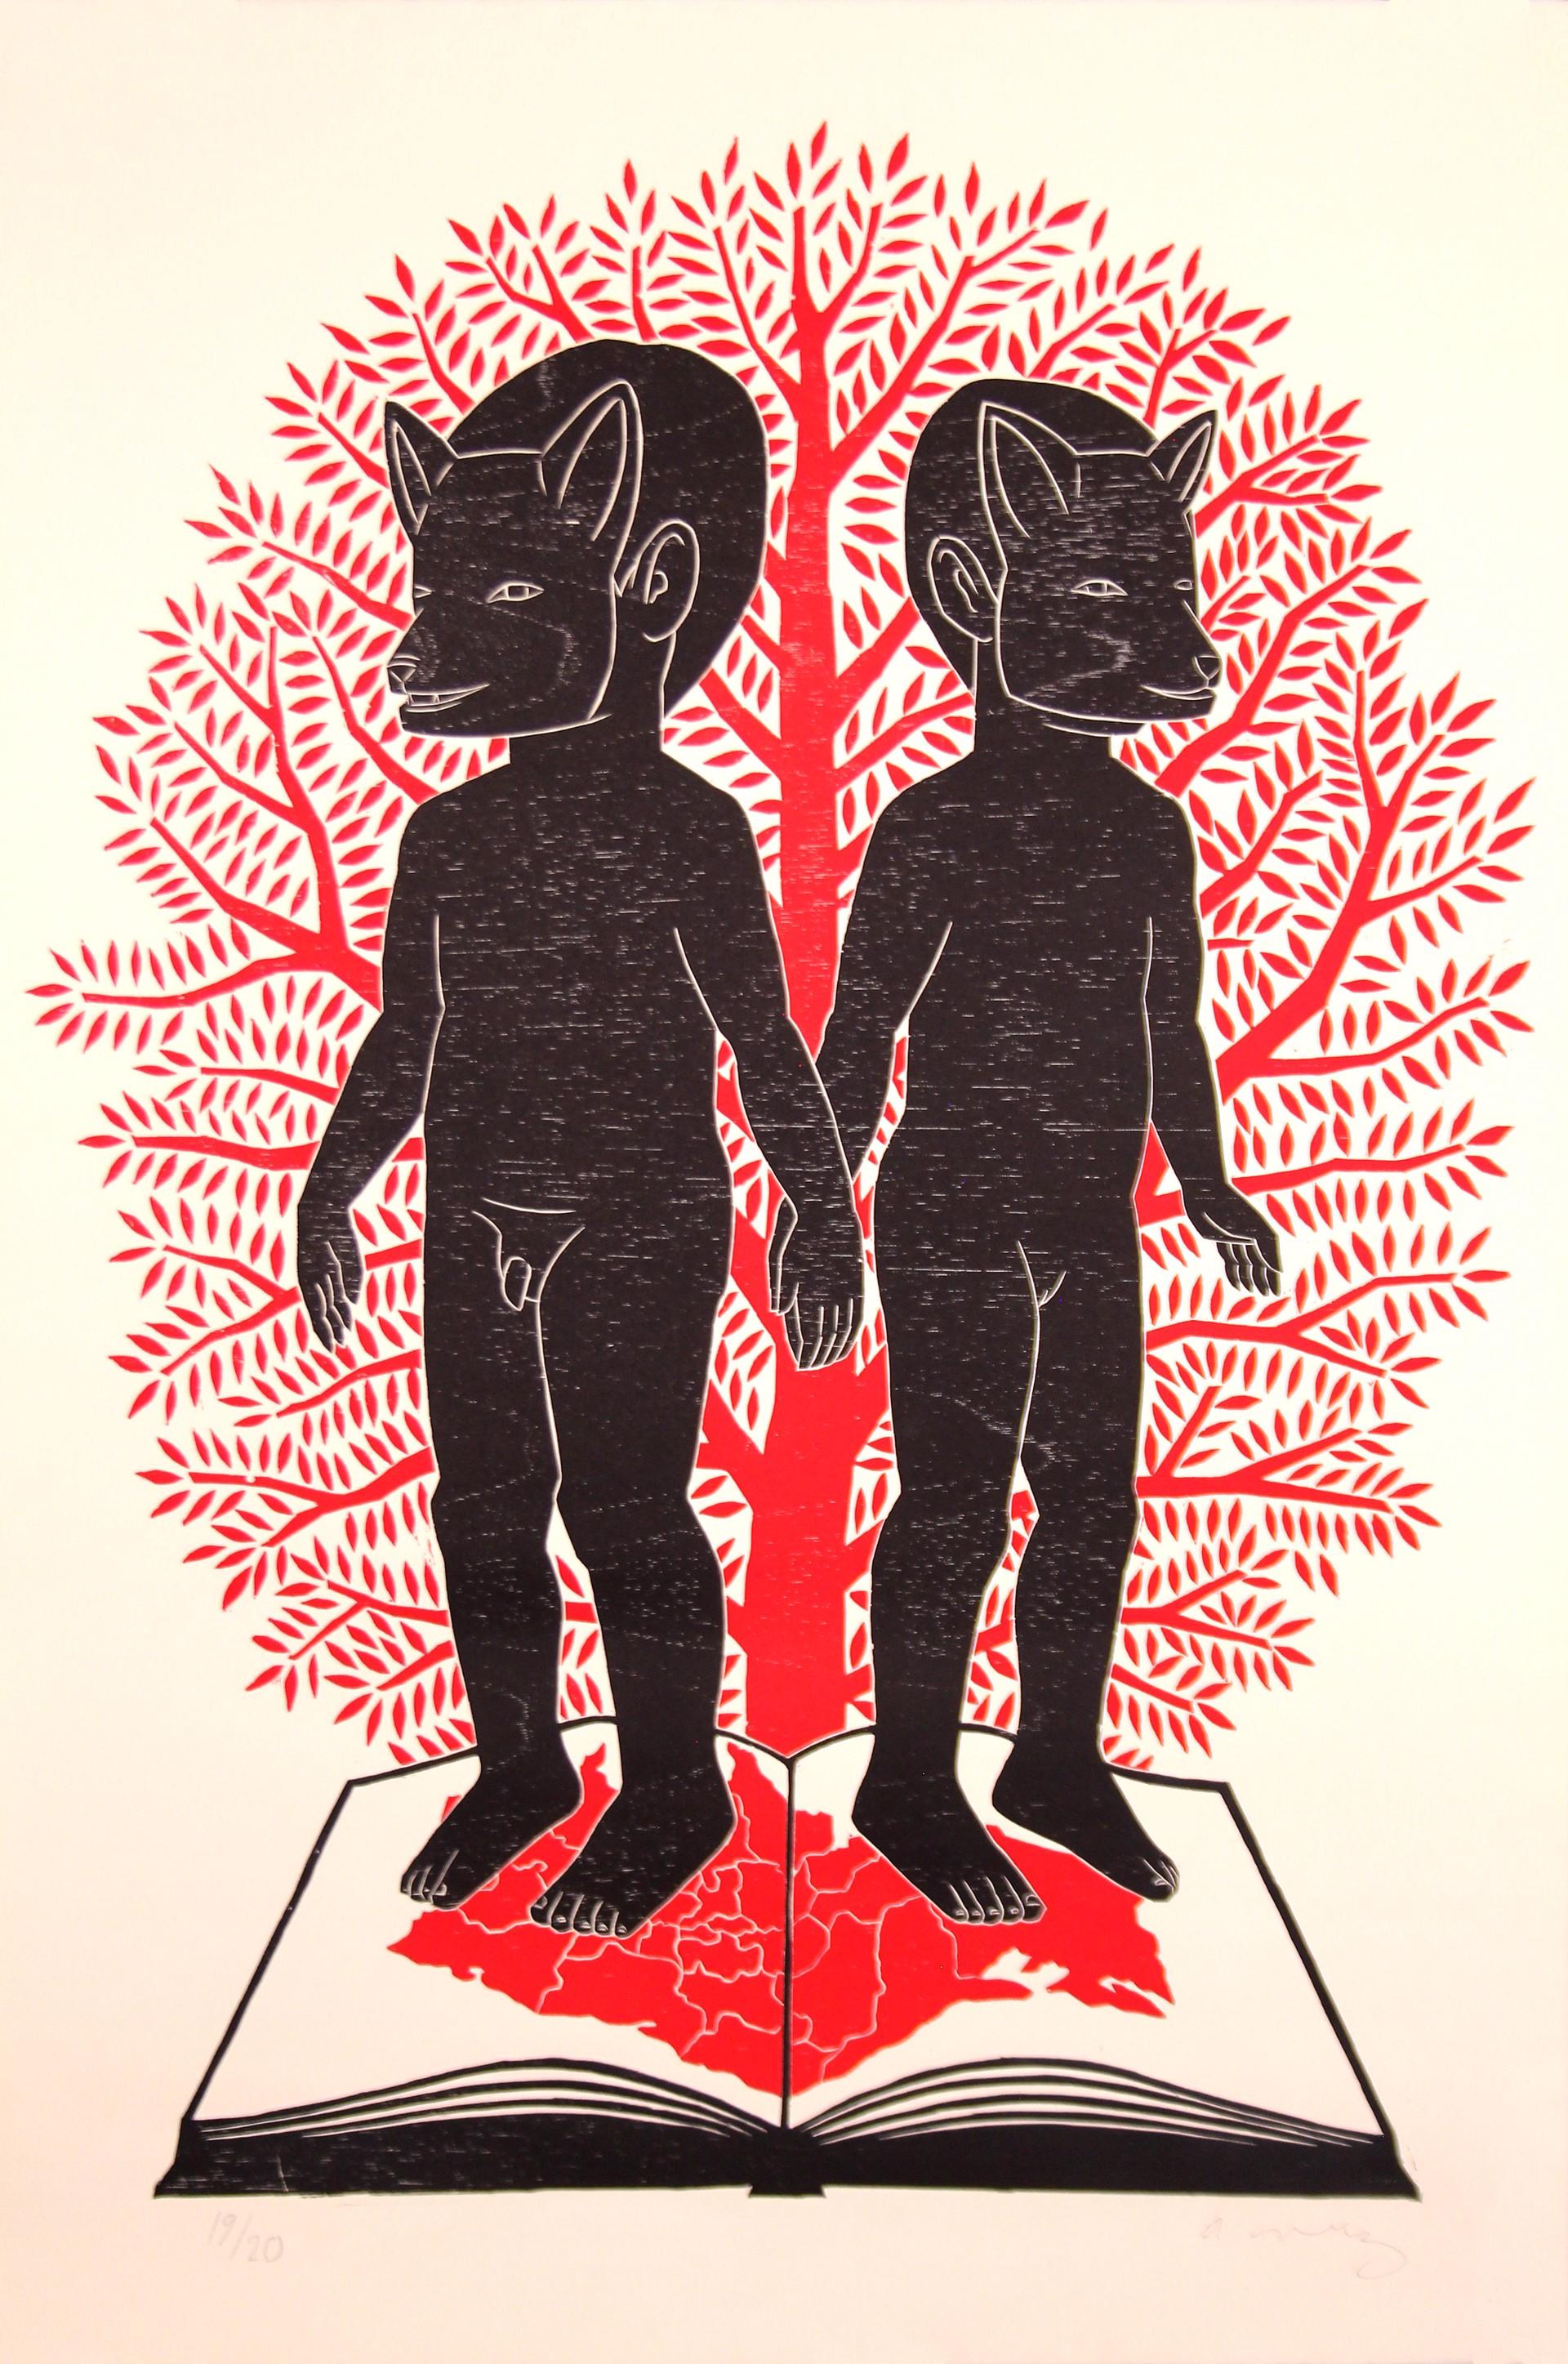 Niños con Libro Mapa Roja by Alberto Cruz